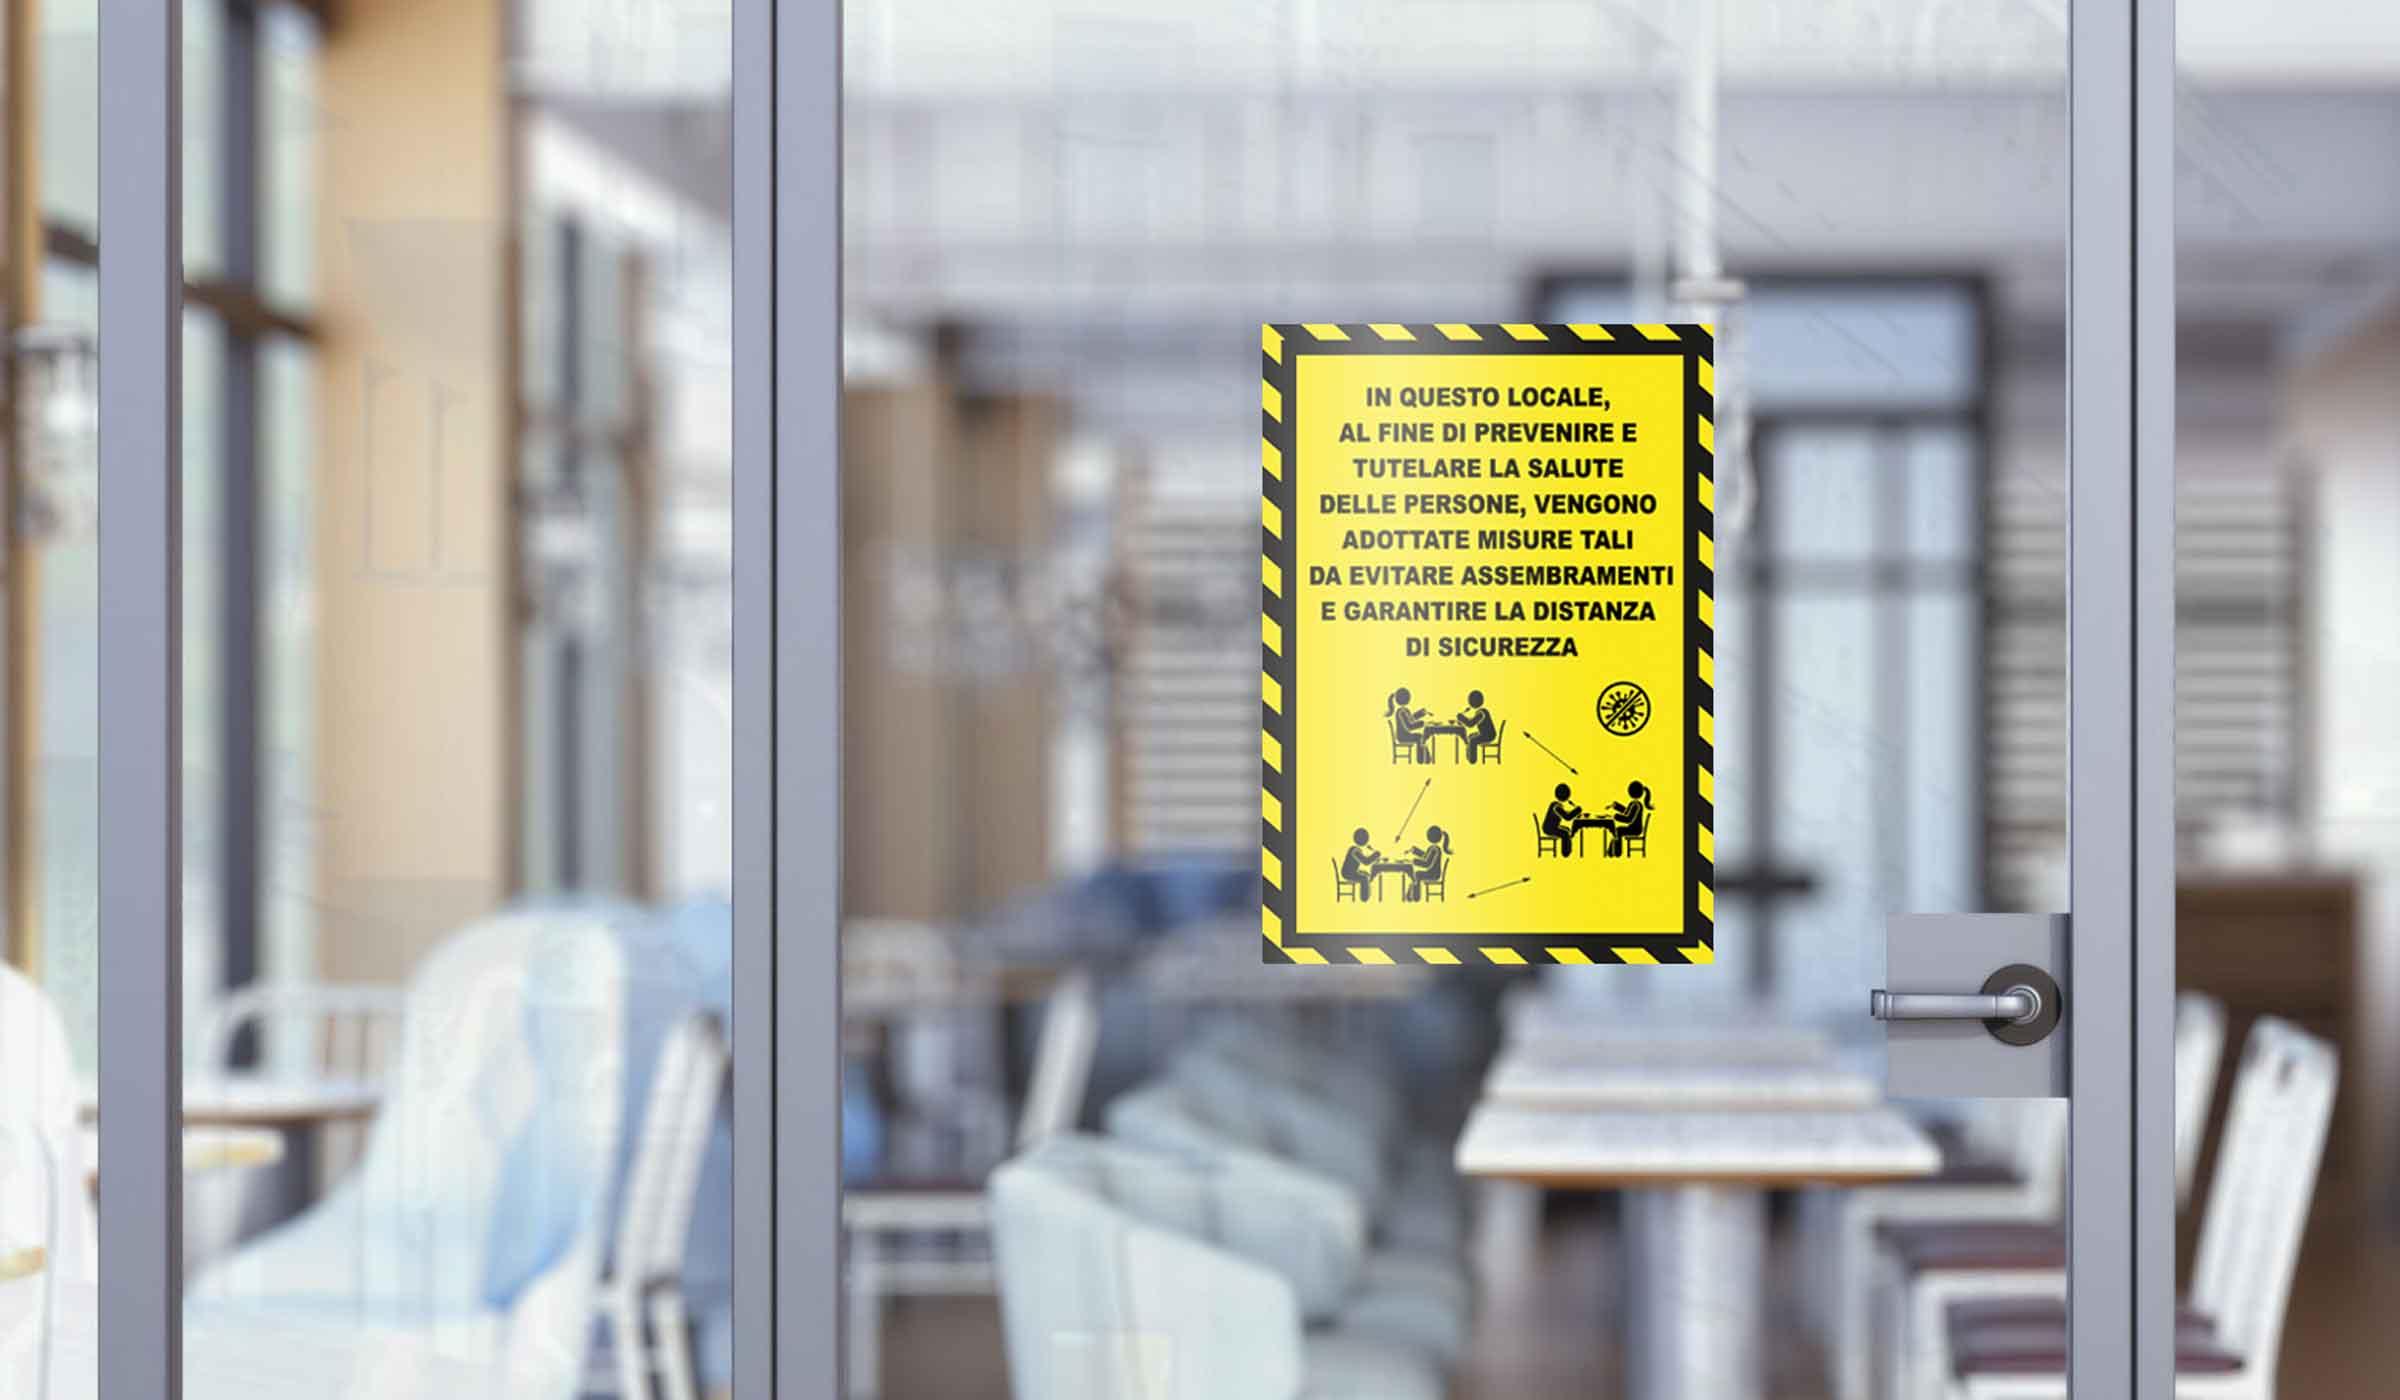 segnaletica covid-19 - adesivo per muri e vetri - regole ingresso locali